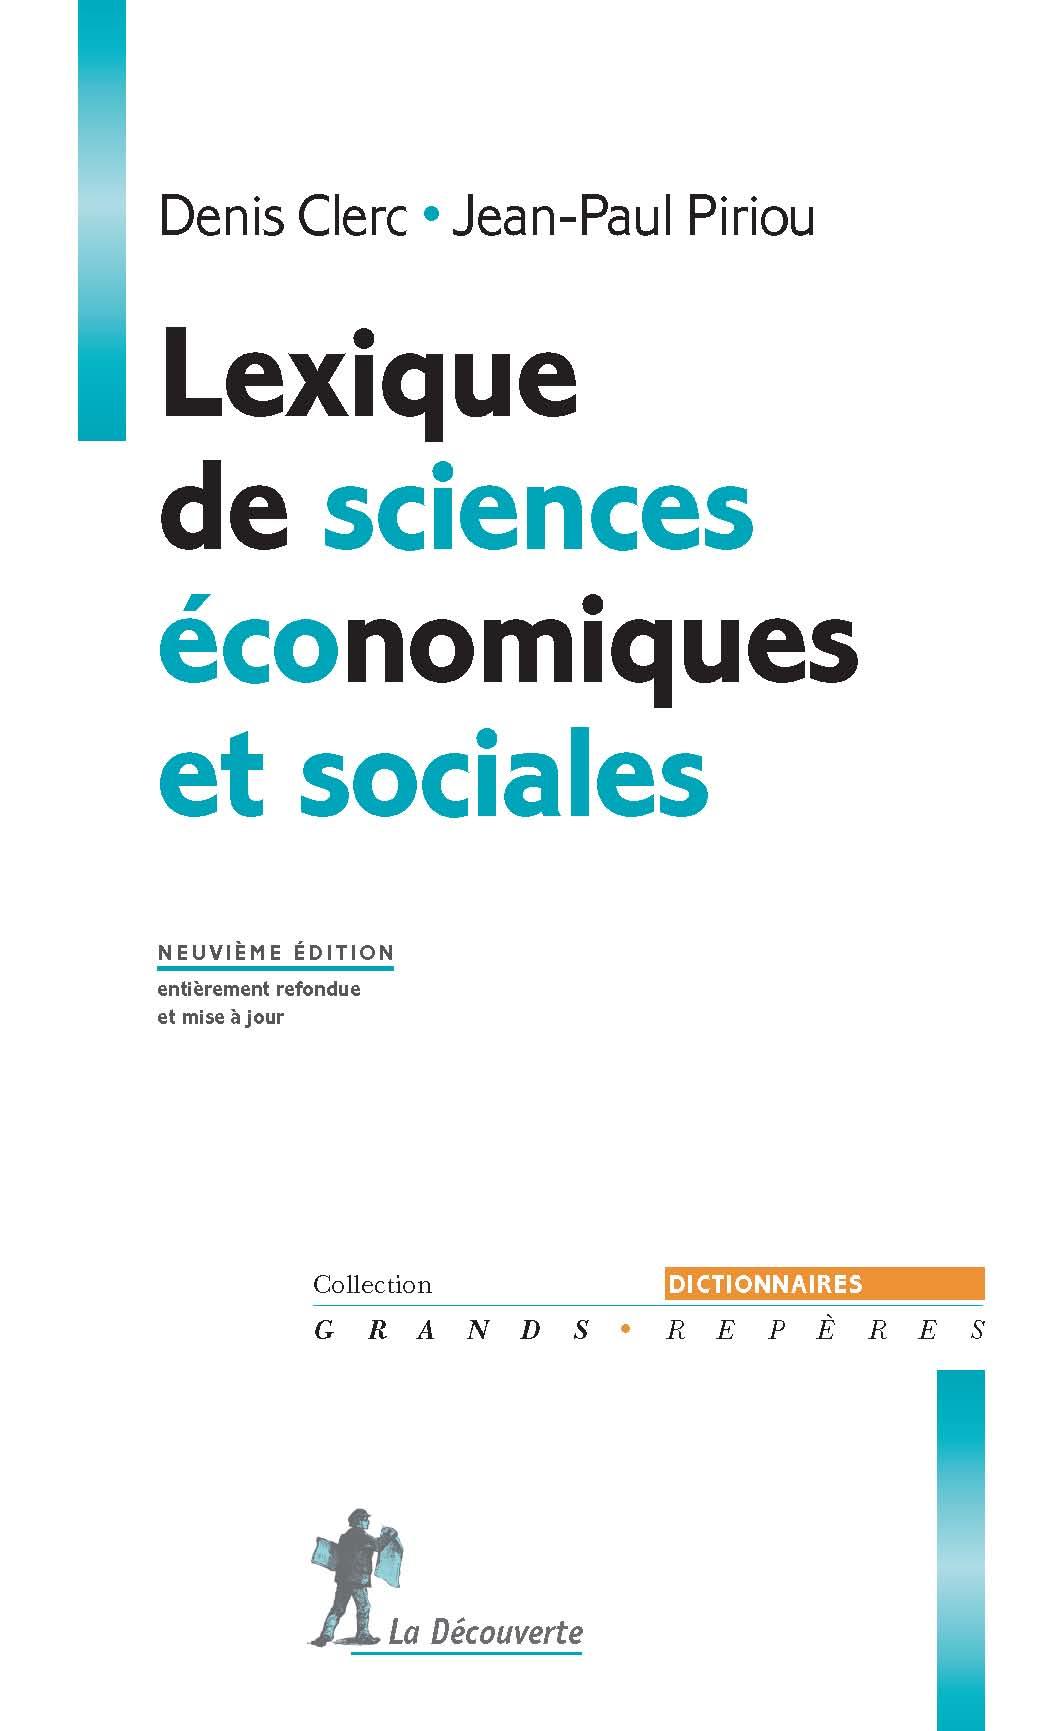 lexique de sciences economiques et